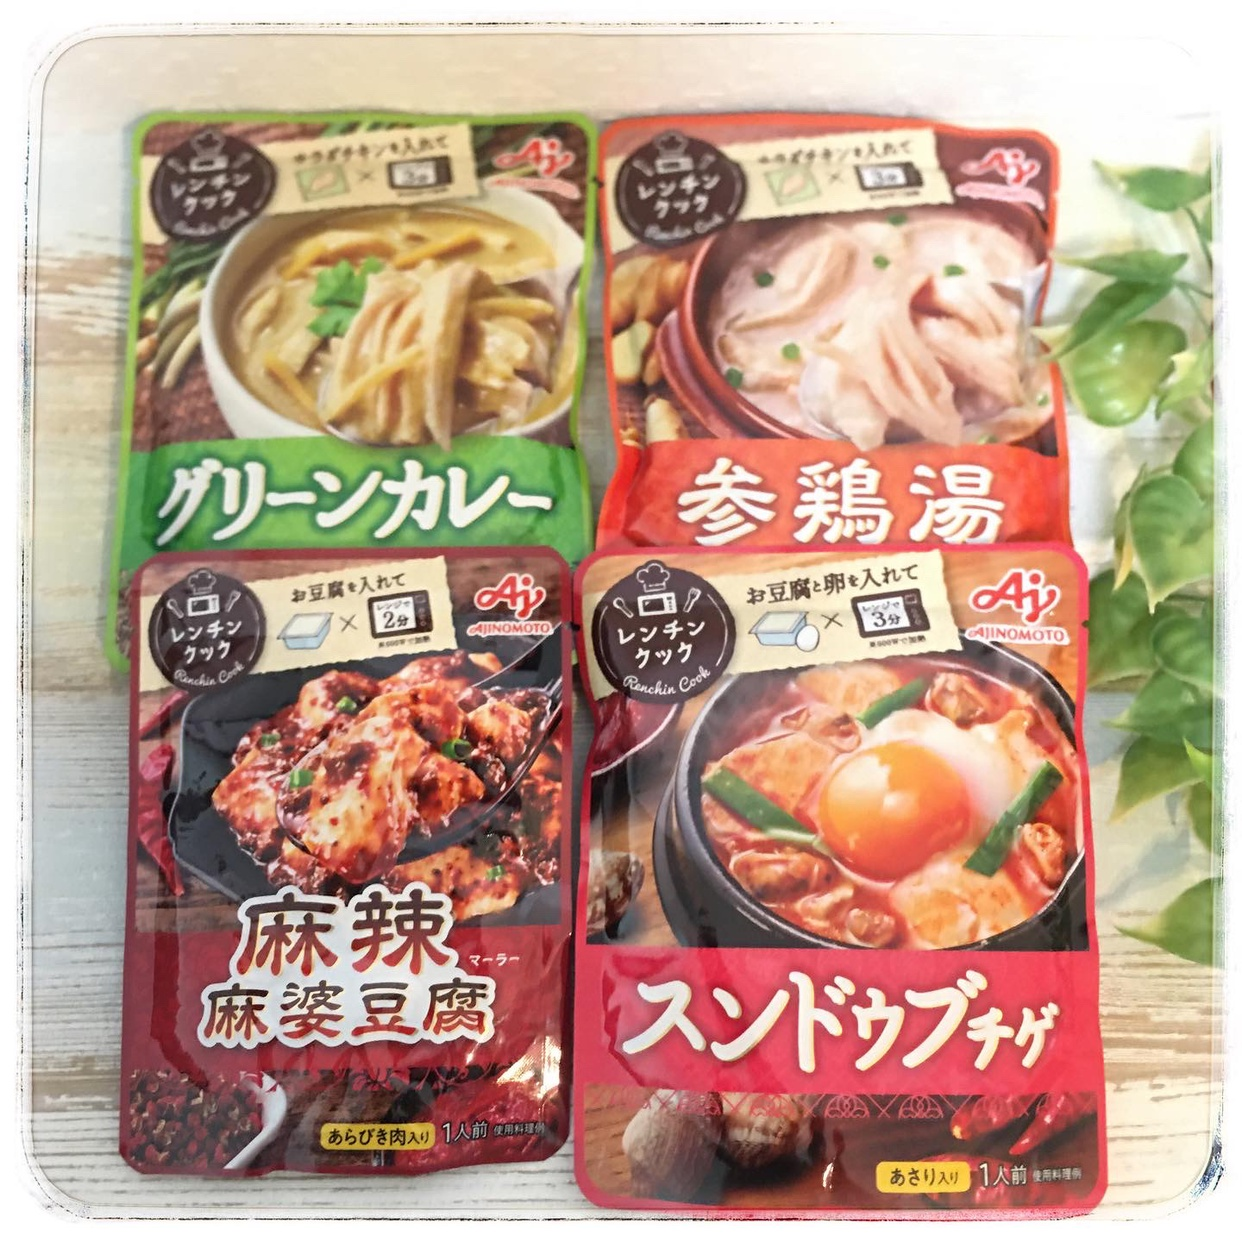 味の素(AJINOMOTO) レンチンクックを使った有姫さんのクチコミ画像1